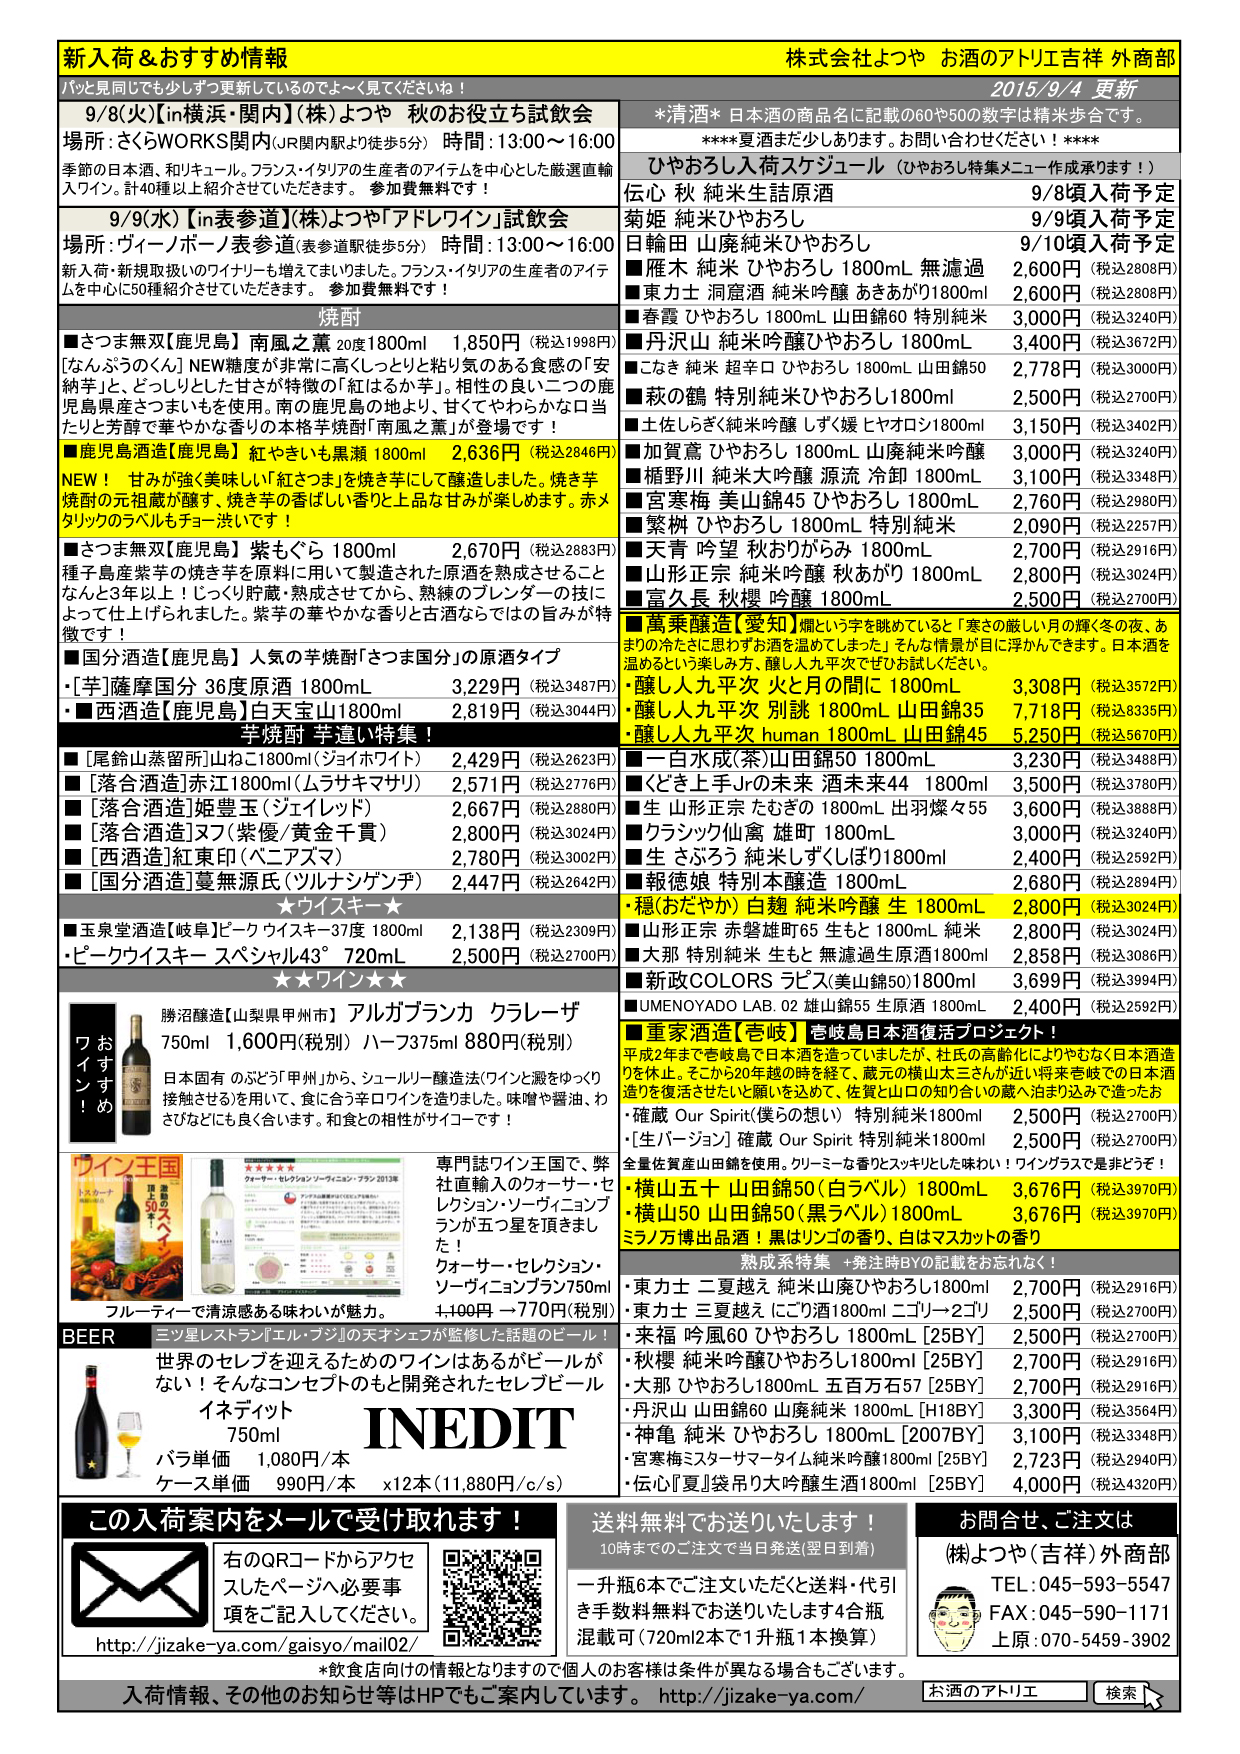 入荷情報2015.09.04